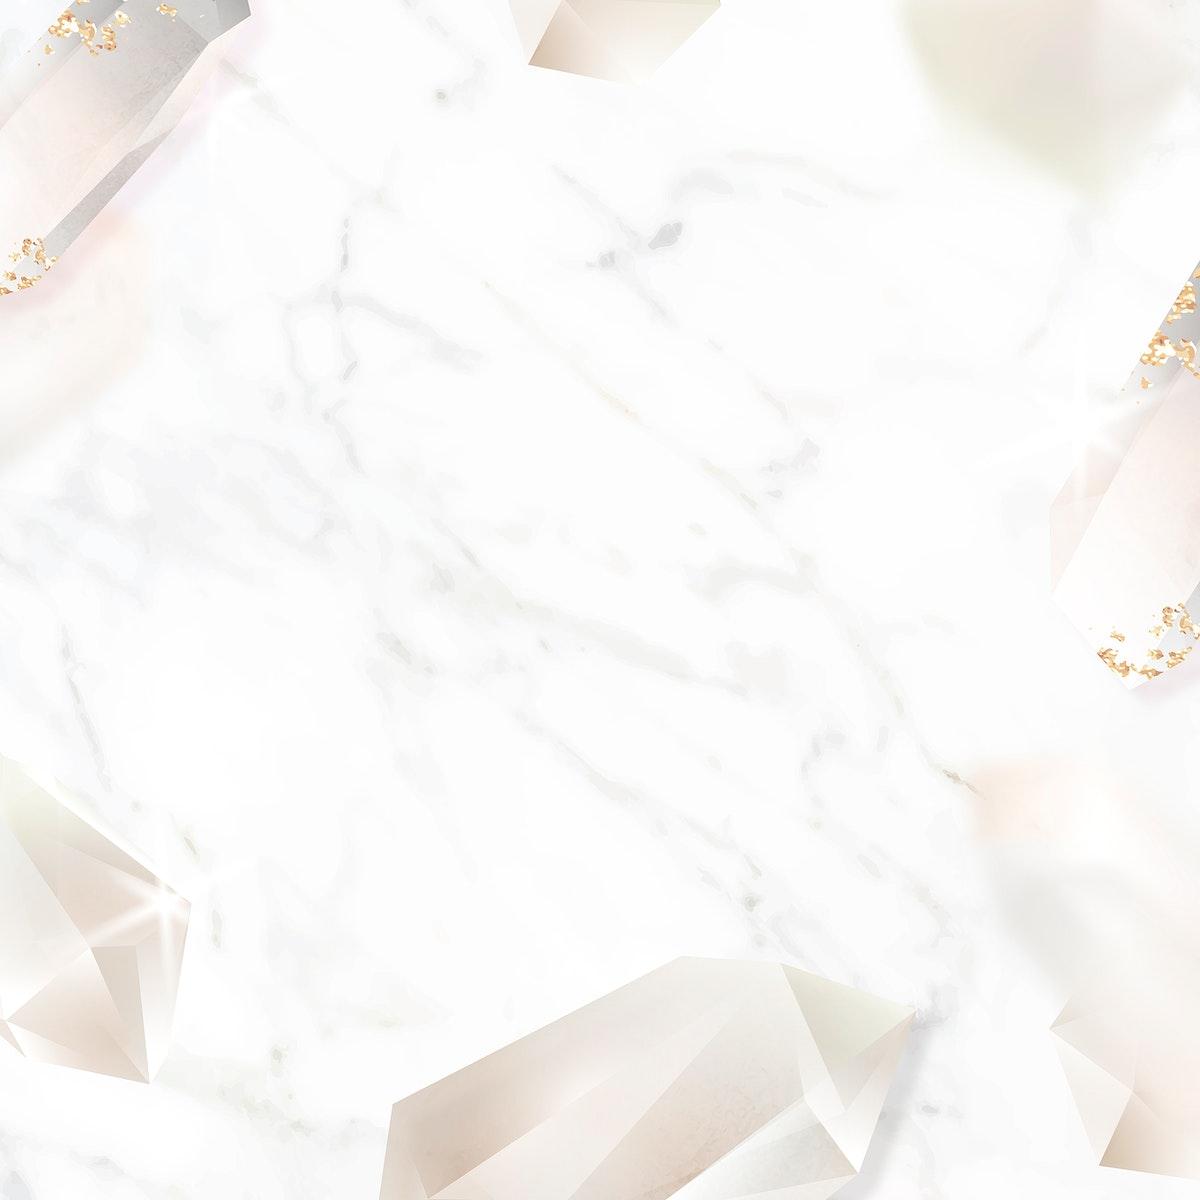 Crystal frame design on marble background vector